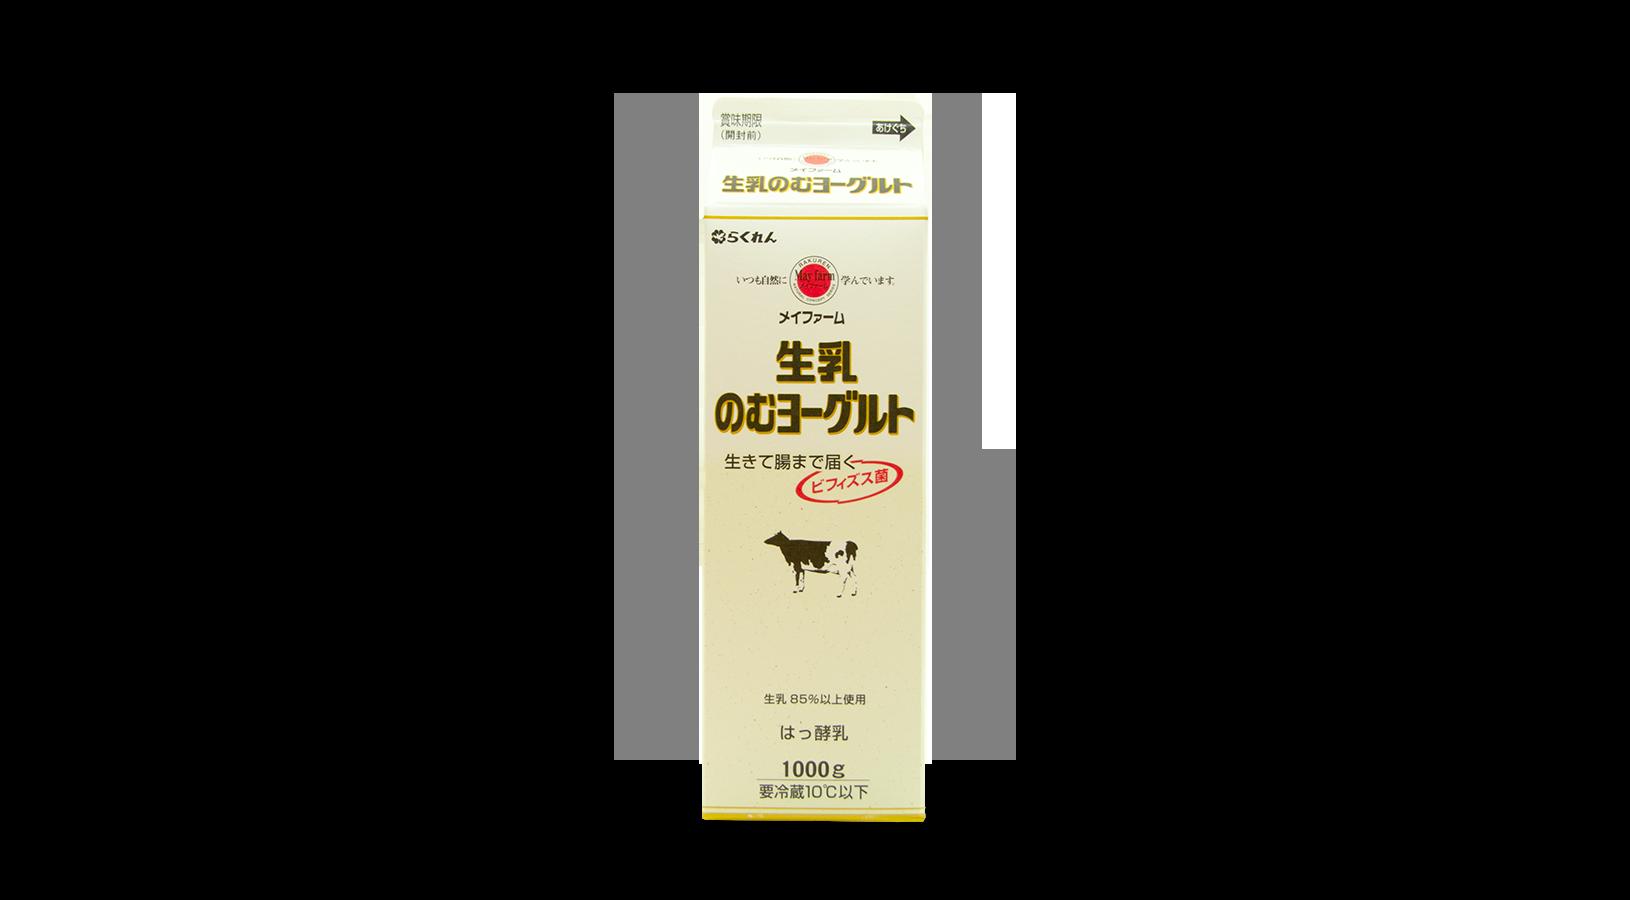 商品イメージ:メイファーム生乳のむヨーグルト 1000g